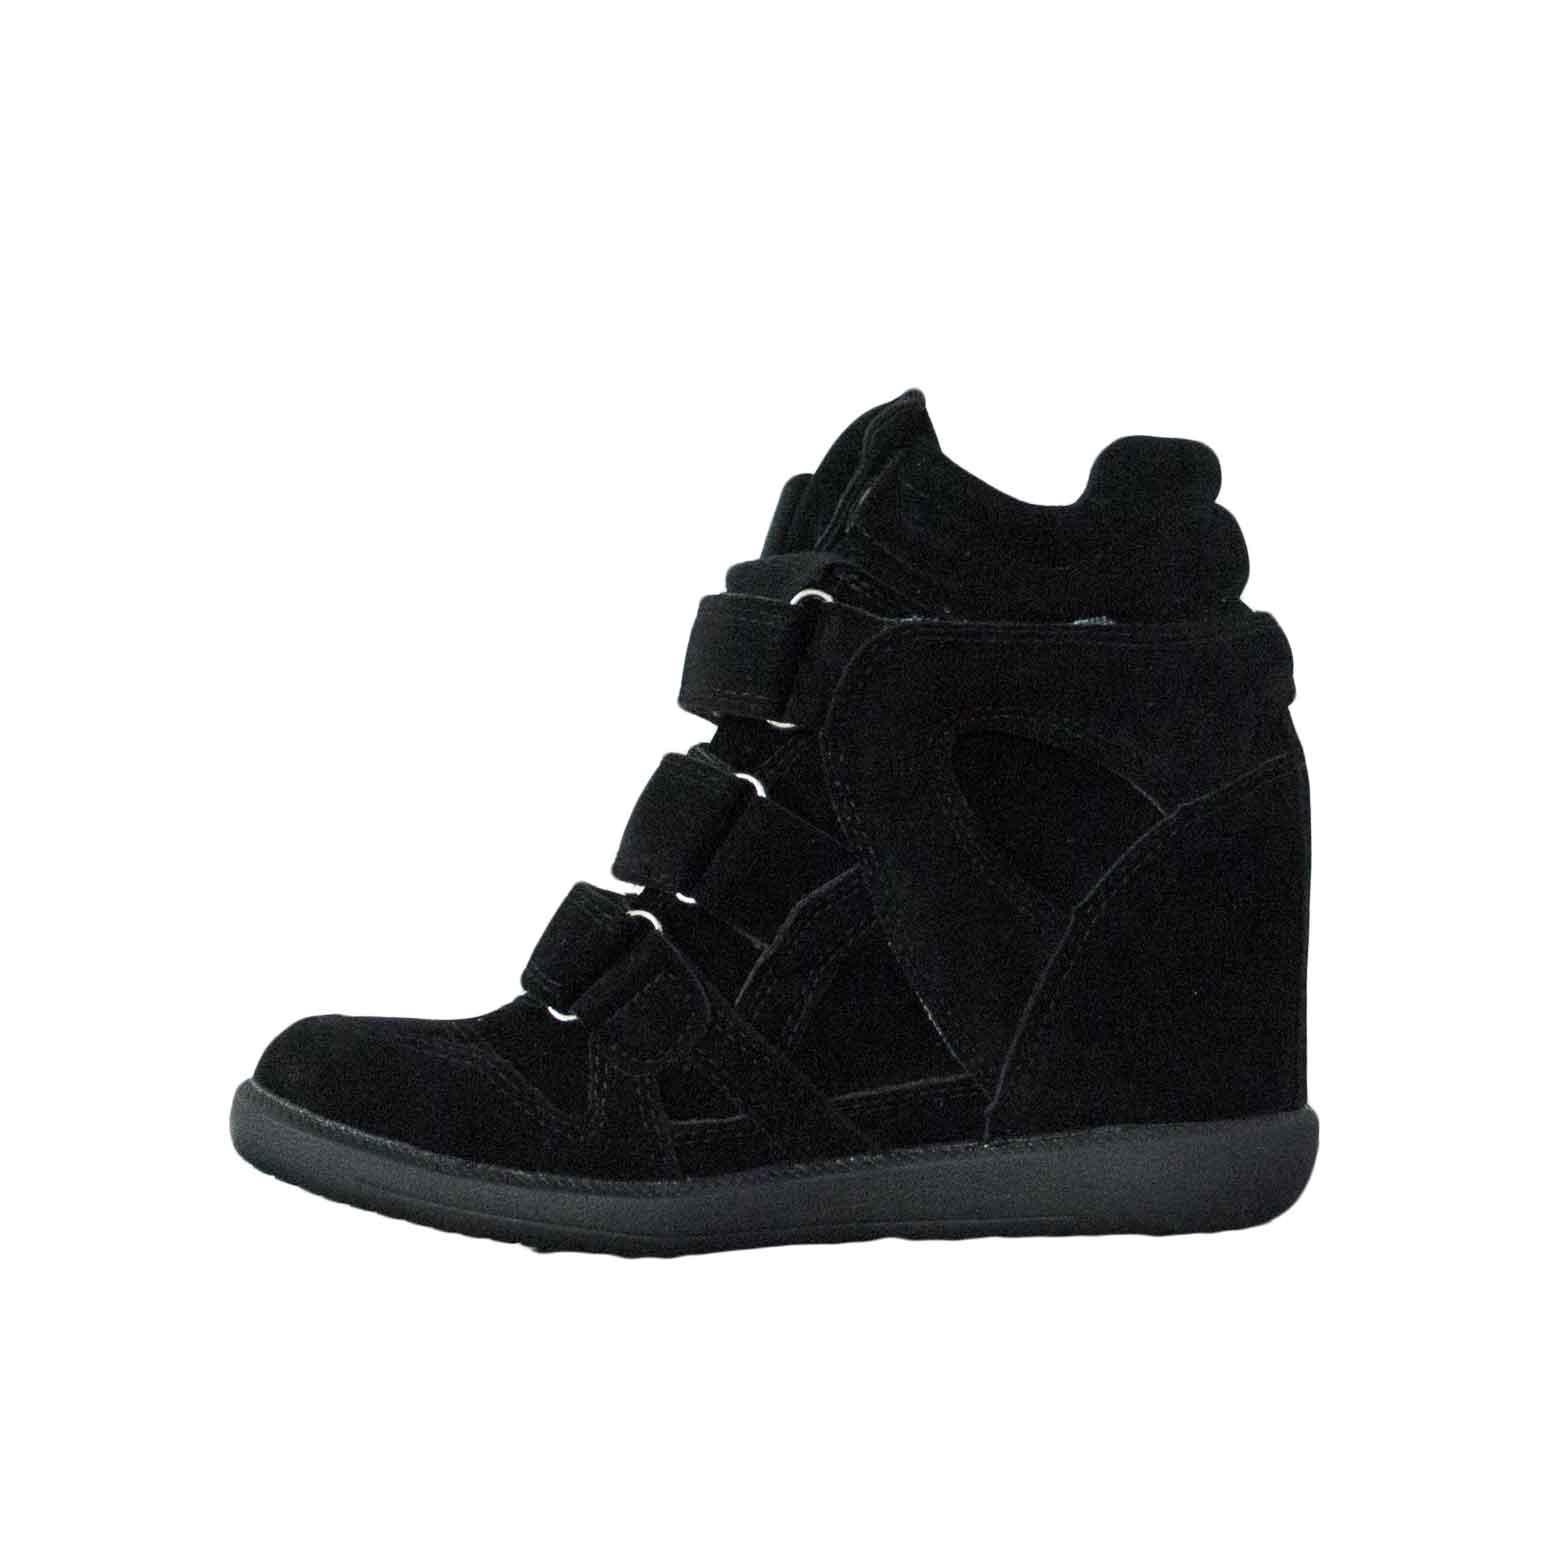 c9578af2b6a93 Scarpe donna sneakers alta con zeppa strappo camoscio nero moda donna  sneakers alta Malu Shoes